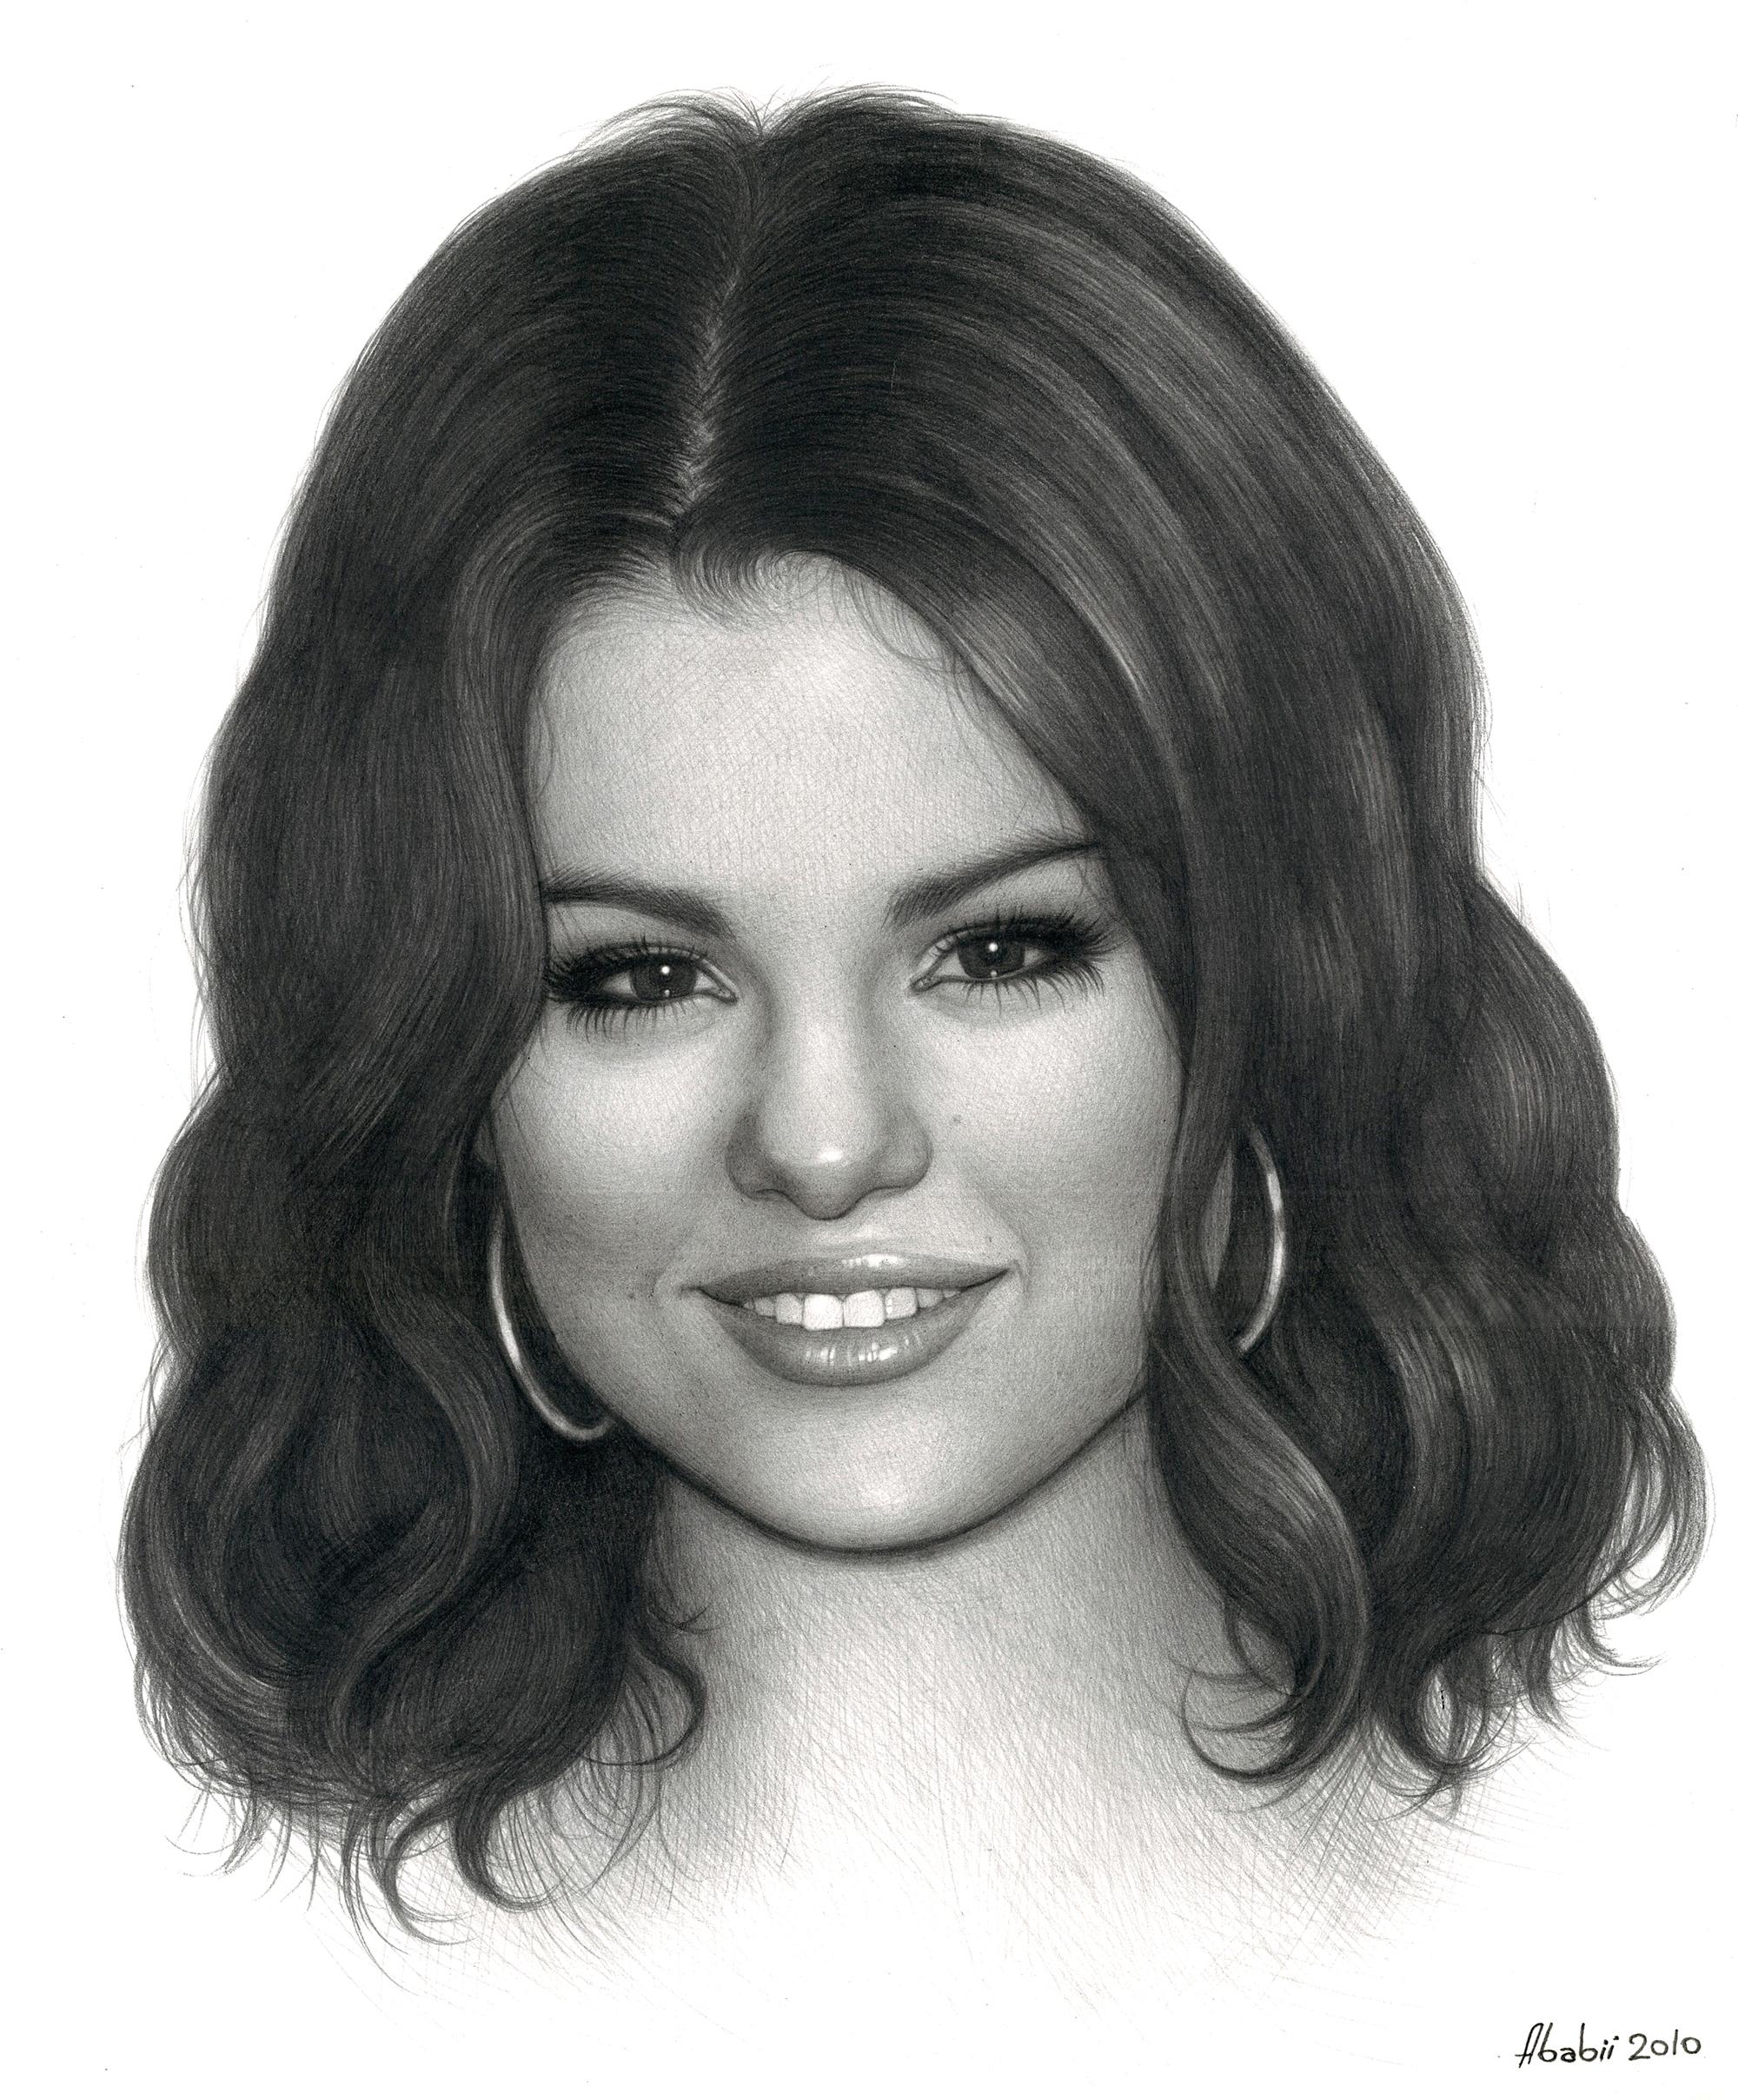 Selena art 3 selena gomez fan art 12826088 fanpop - Selena gomez dessin ...